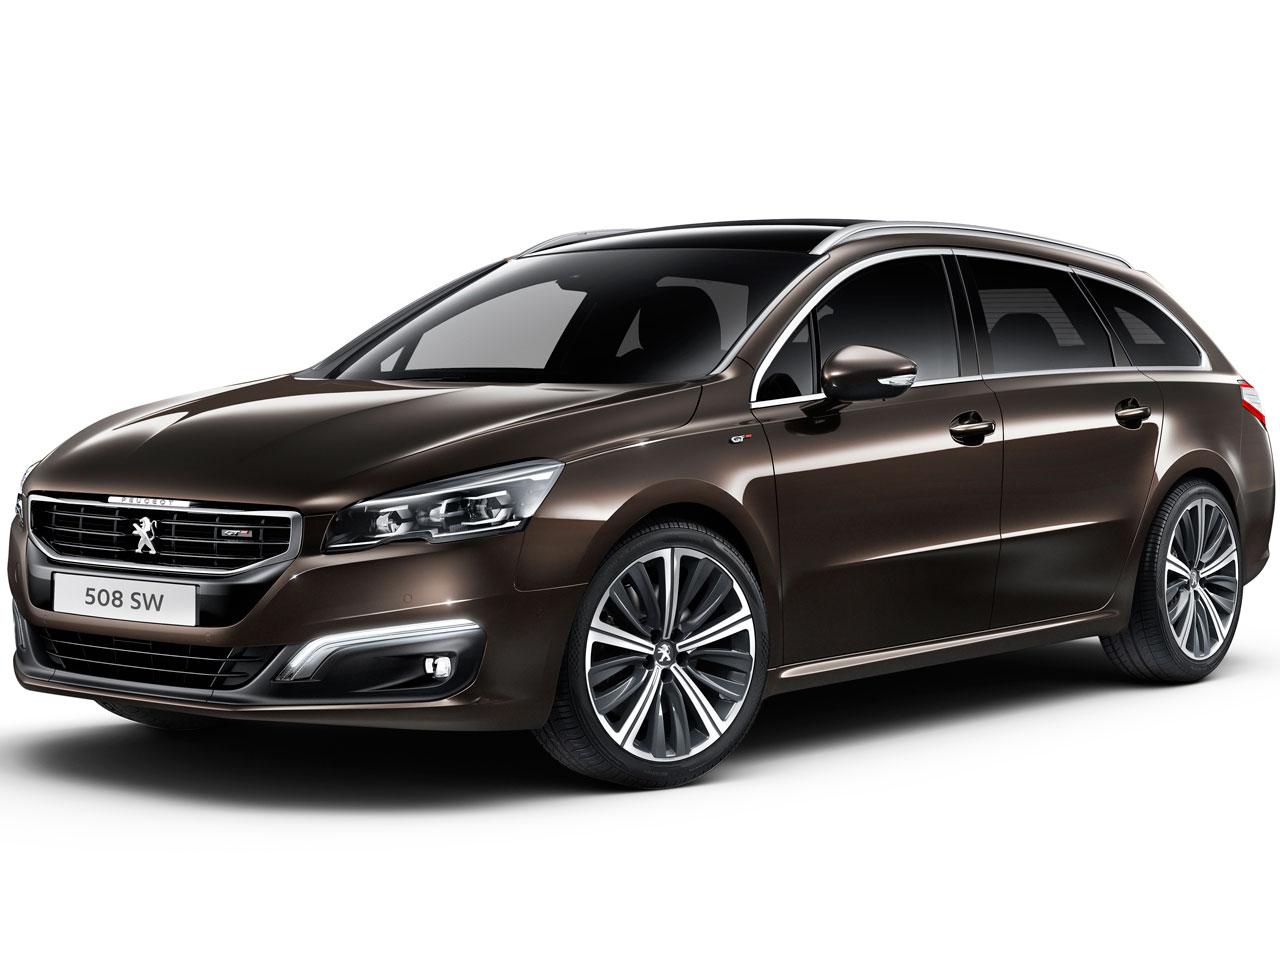 プジョー 508SW 2015年モデル 新車画像